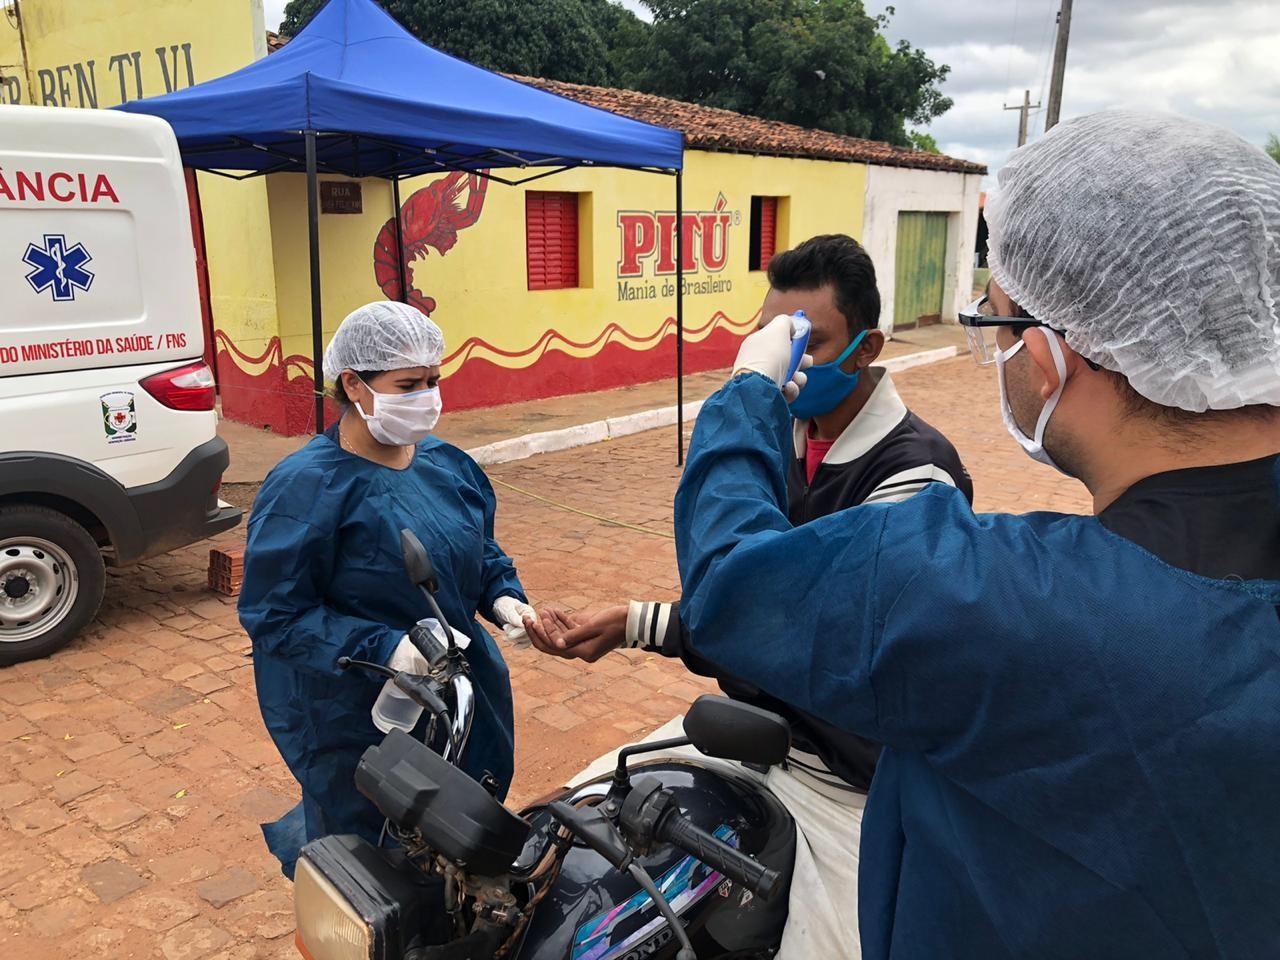 Comunidade é isolada no Piauí após cinco pessoas da mesma família testarem positivo para a Covid-19